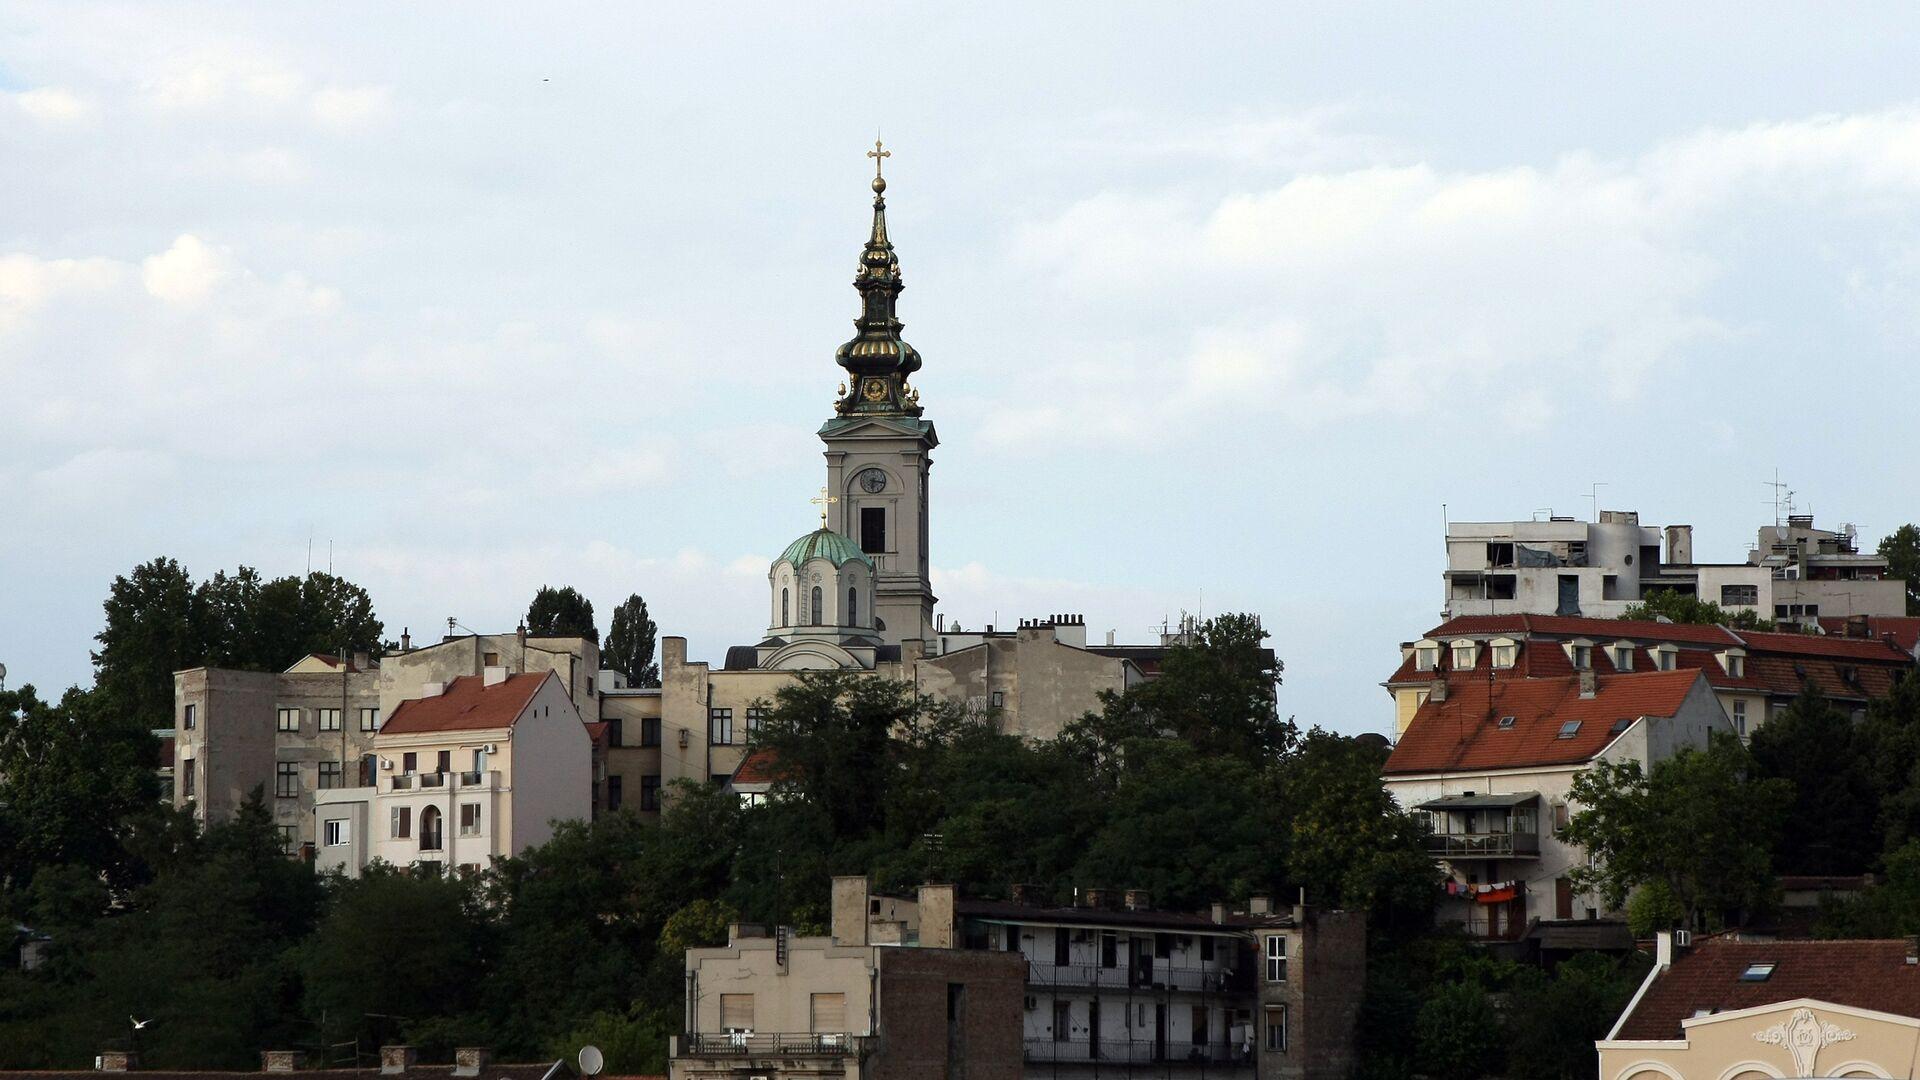 Города мира. Белград - РИА Новости, 1920, 11.05.2021